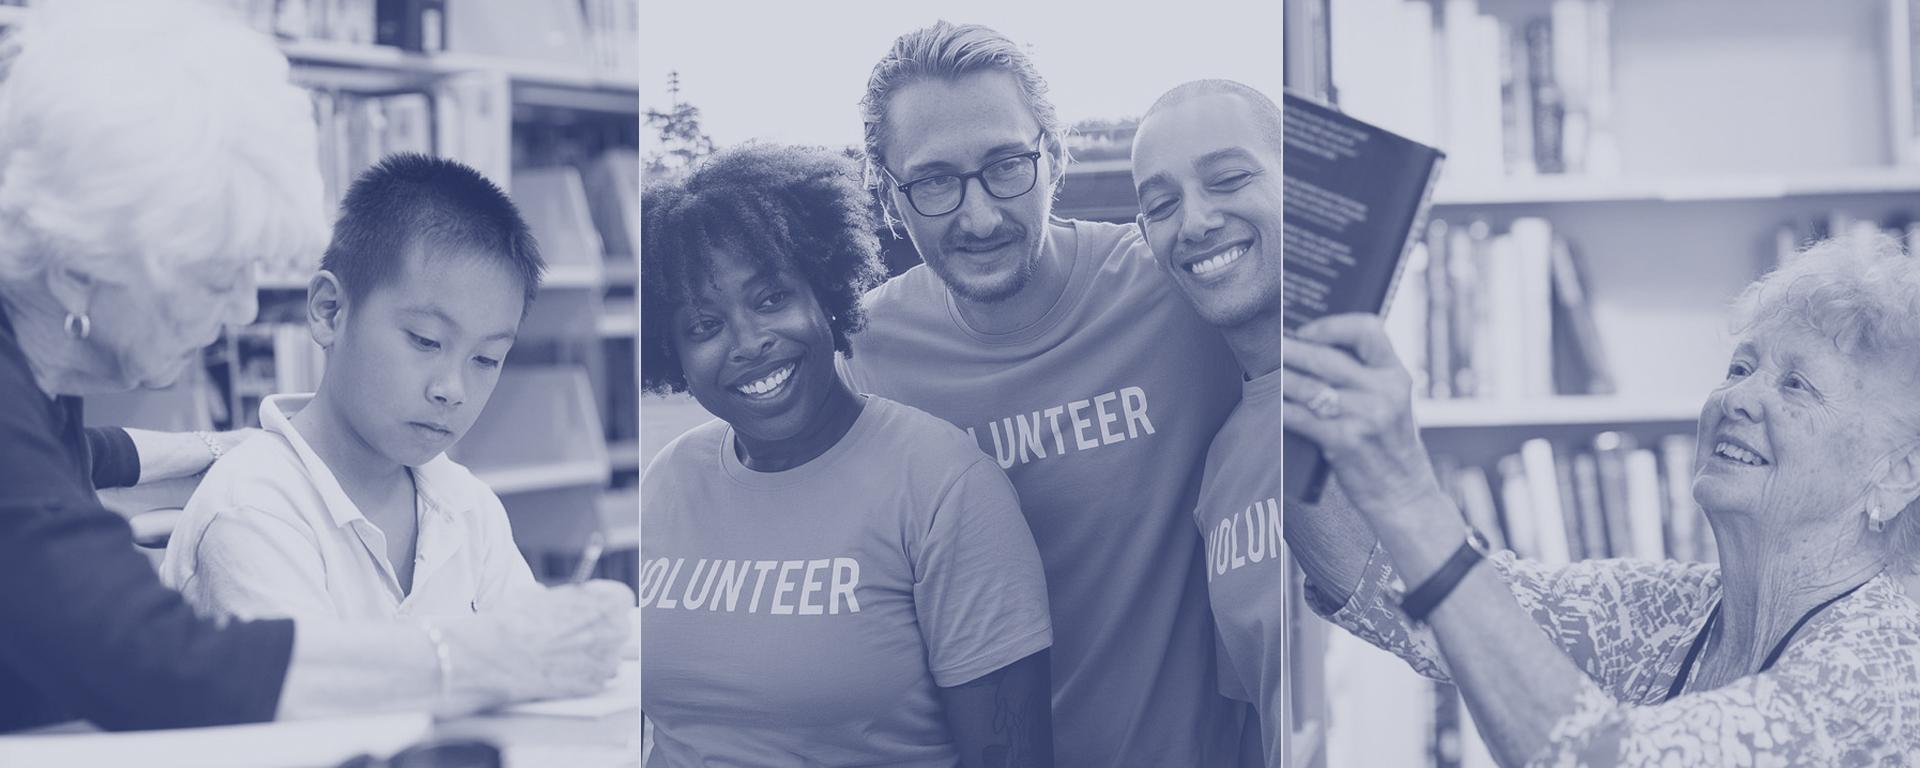 A group of volunteers